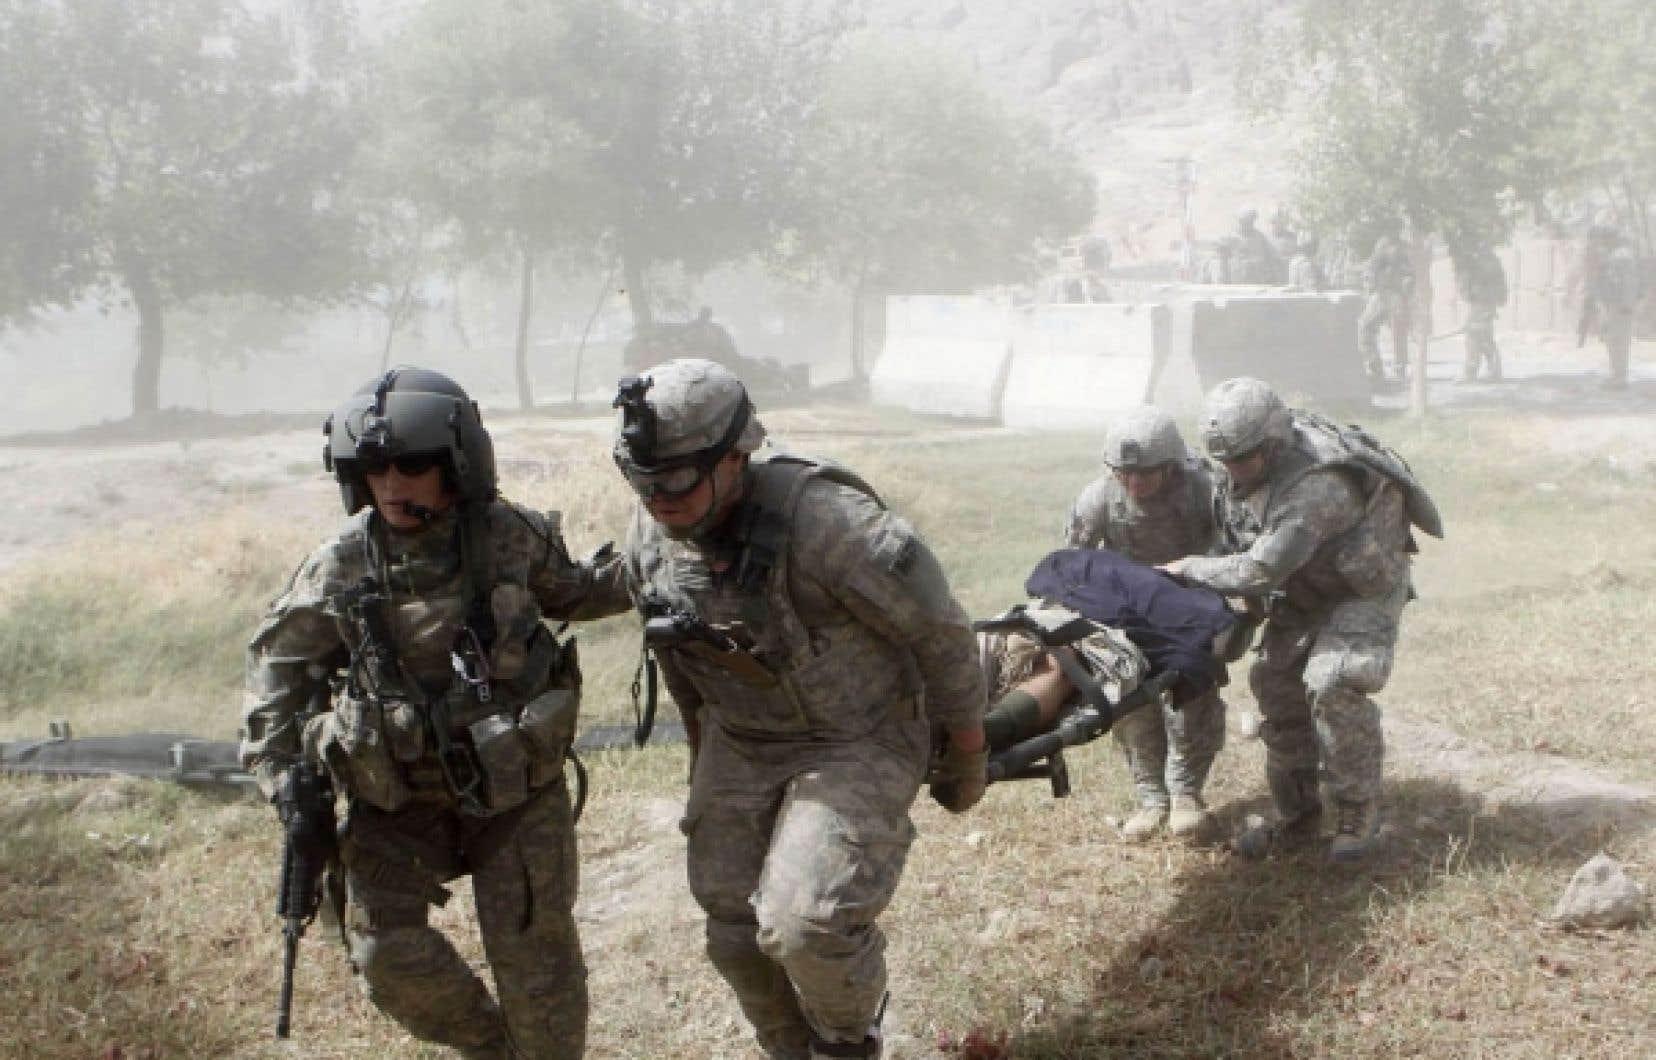 Des soldats américains ont évacué hier un des leurs après une attaque près de Kandahar.<br />